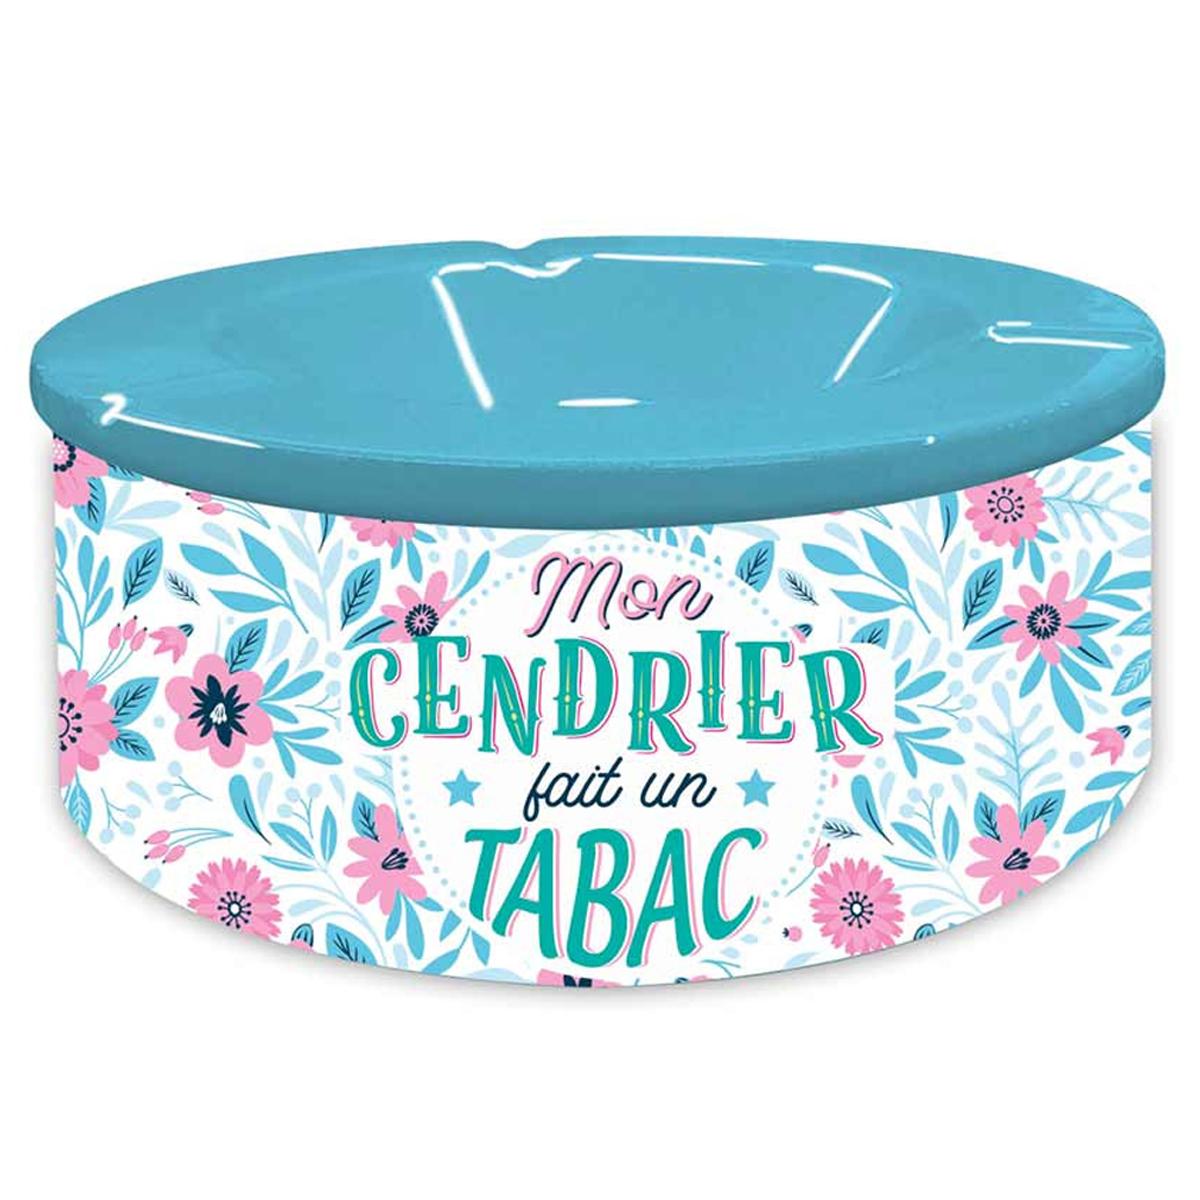 Cendrier marocain céramique \'Messages\' bleu rose (Mon cendrier fait un tabac) - 20x7 cm - [Q8339]